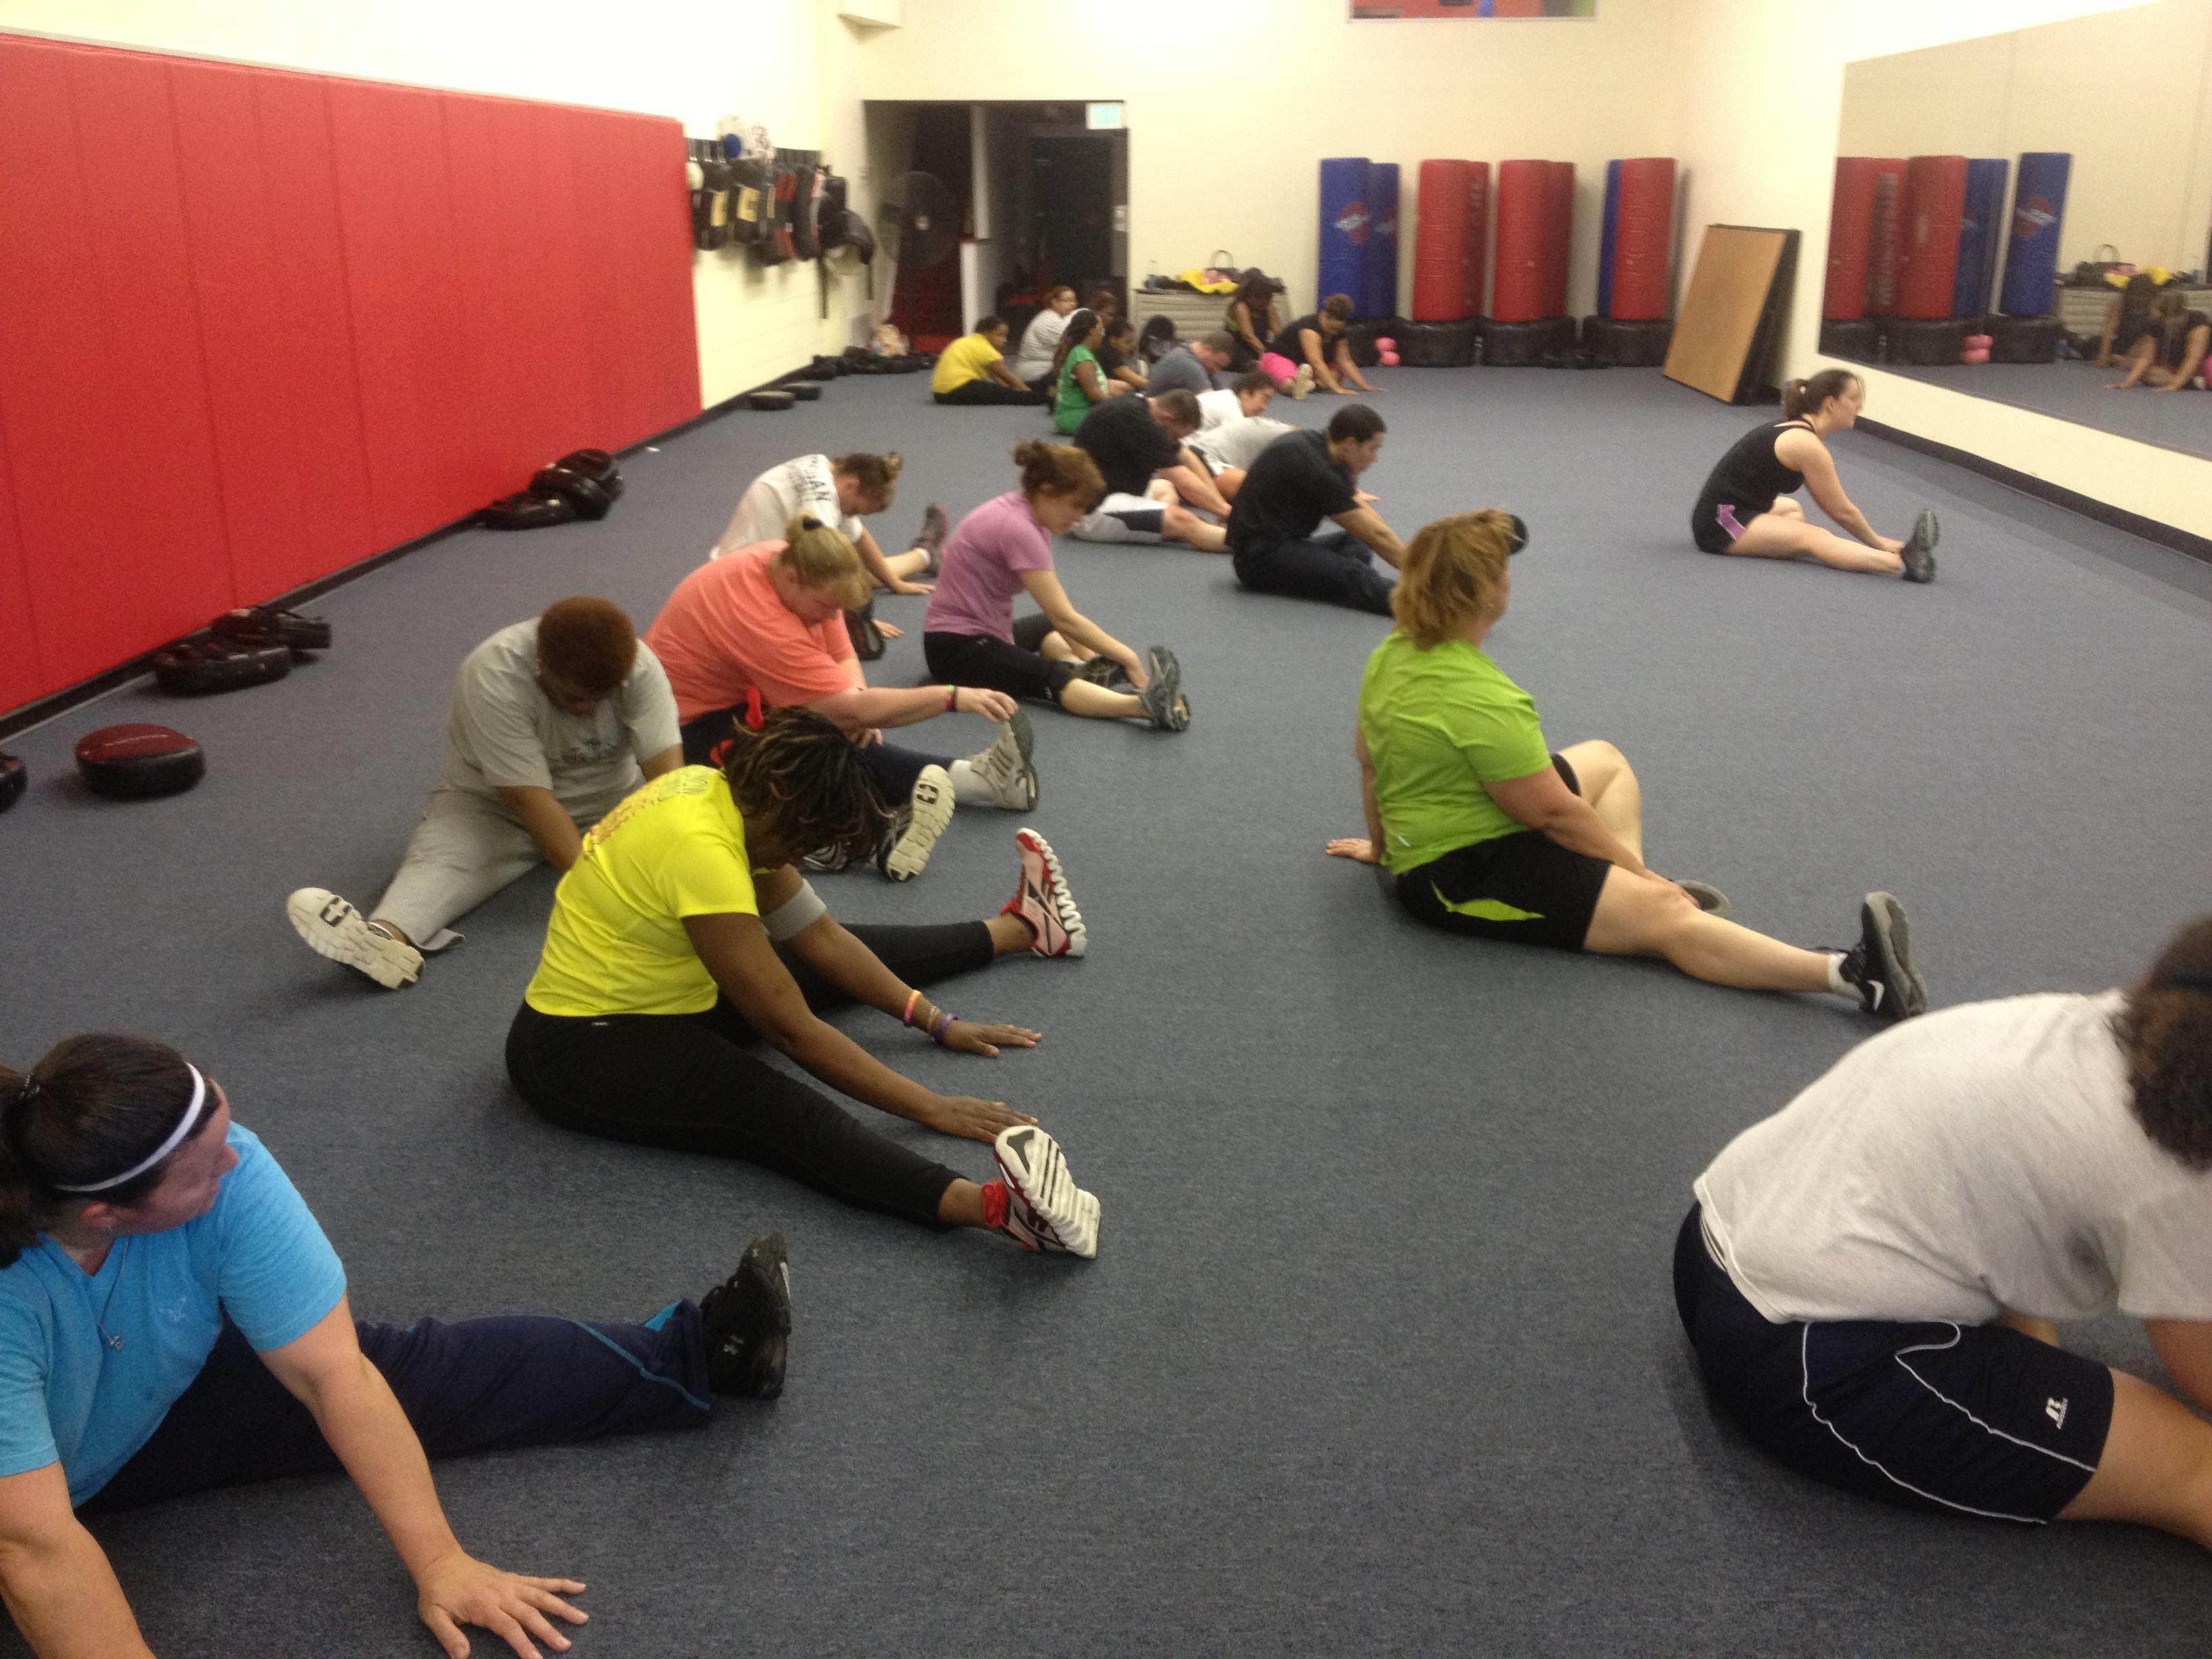 kickboxing stretching